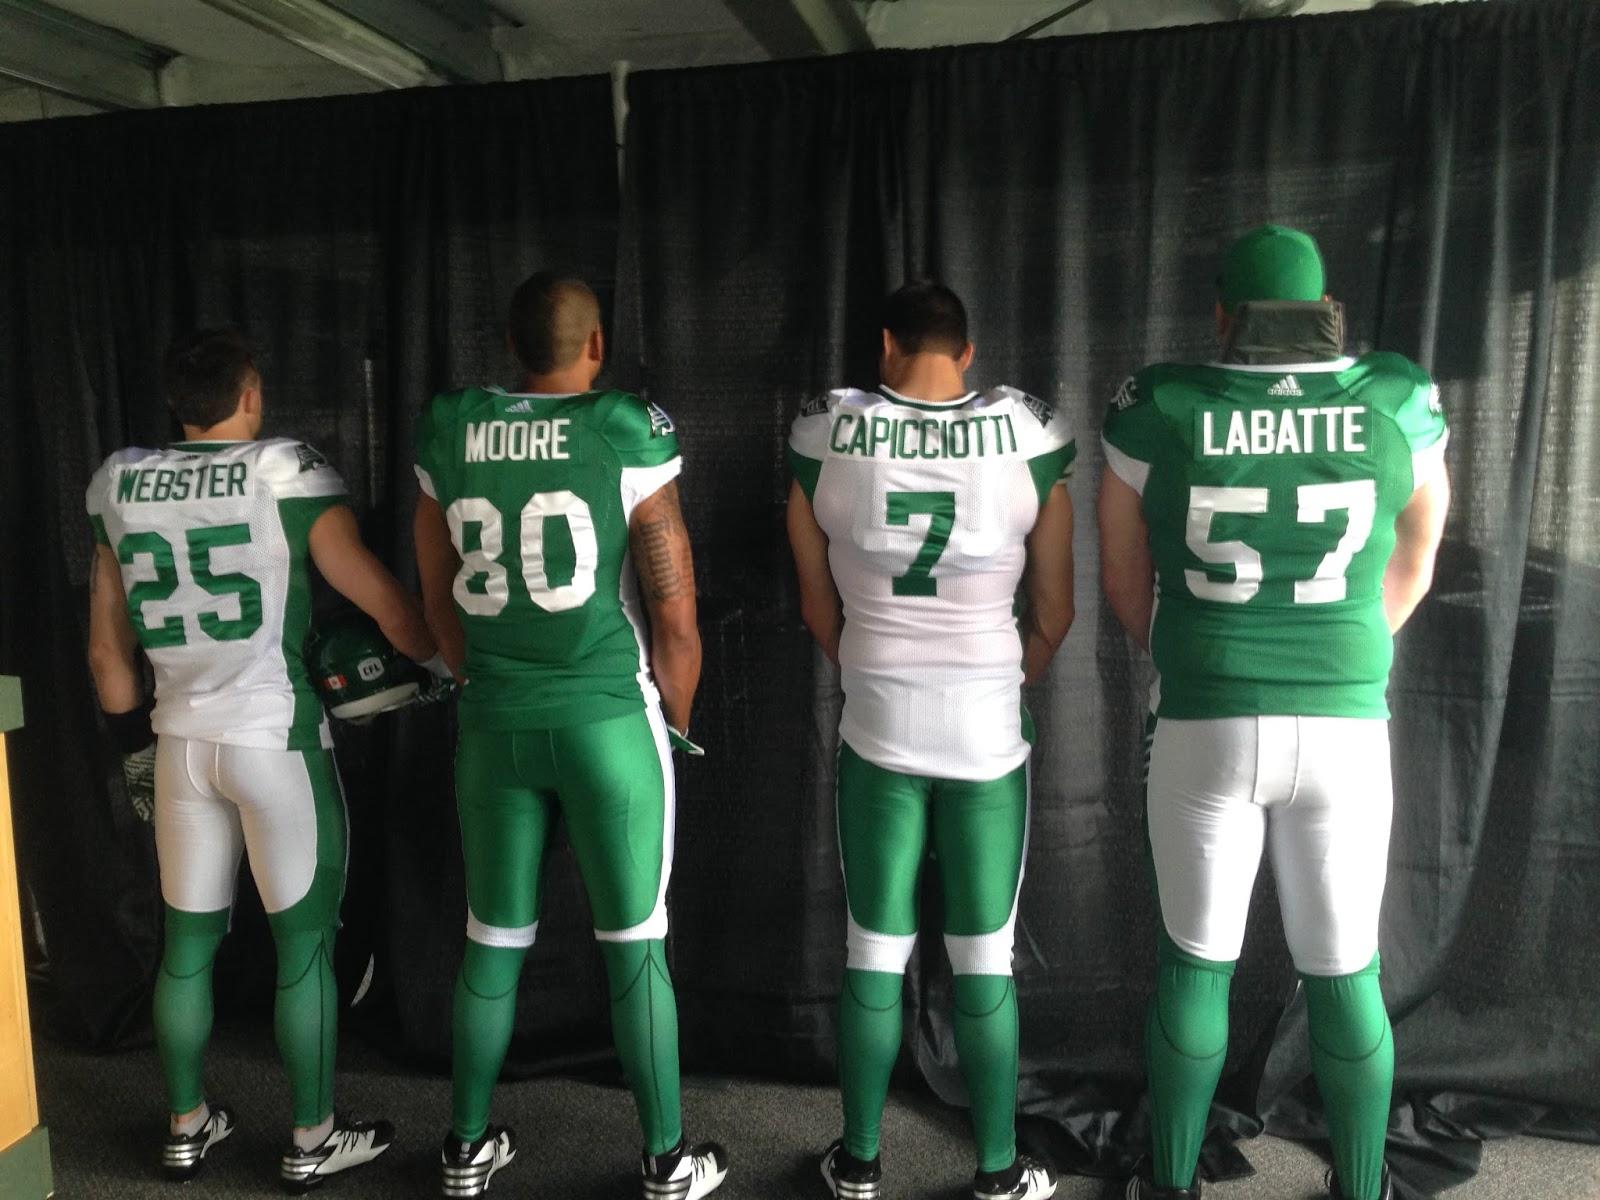 5ff036b44df Saskatchewan Roughriders   CFL unveil new adidas uniforms